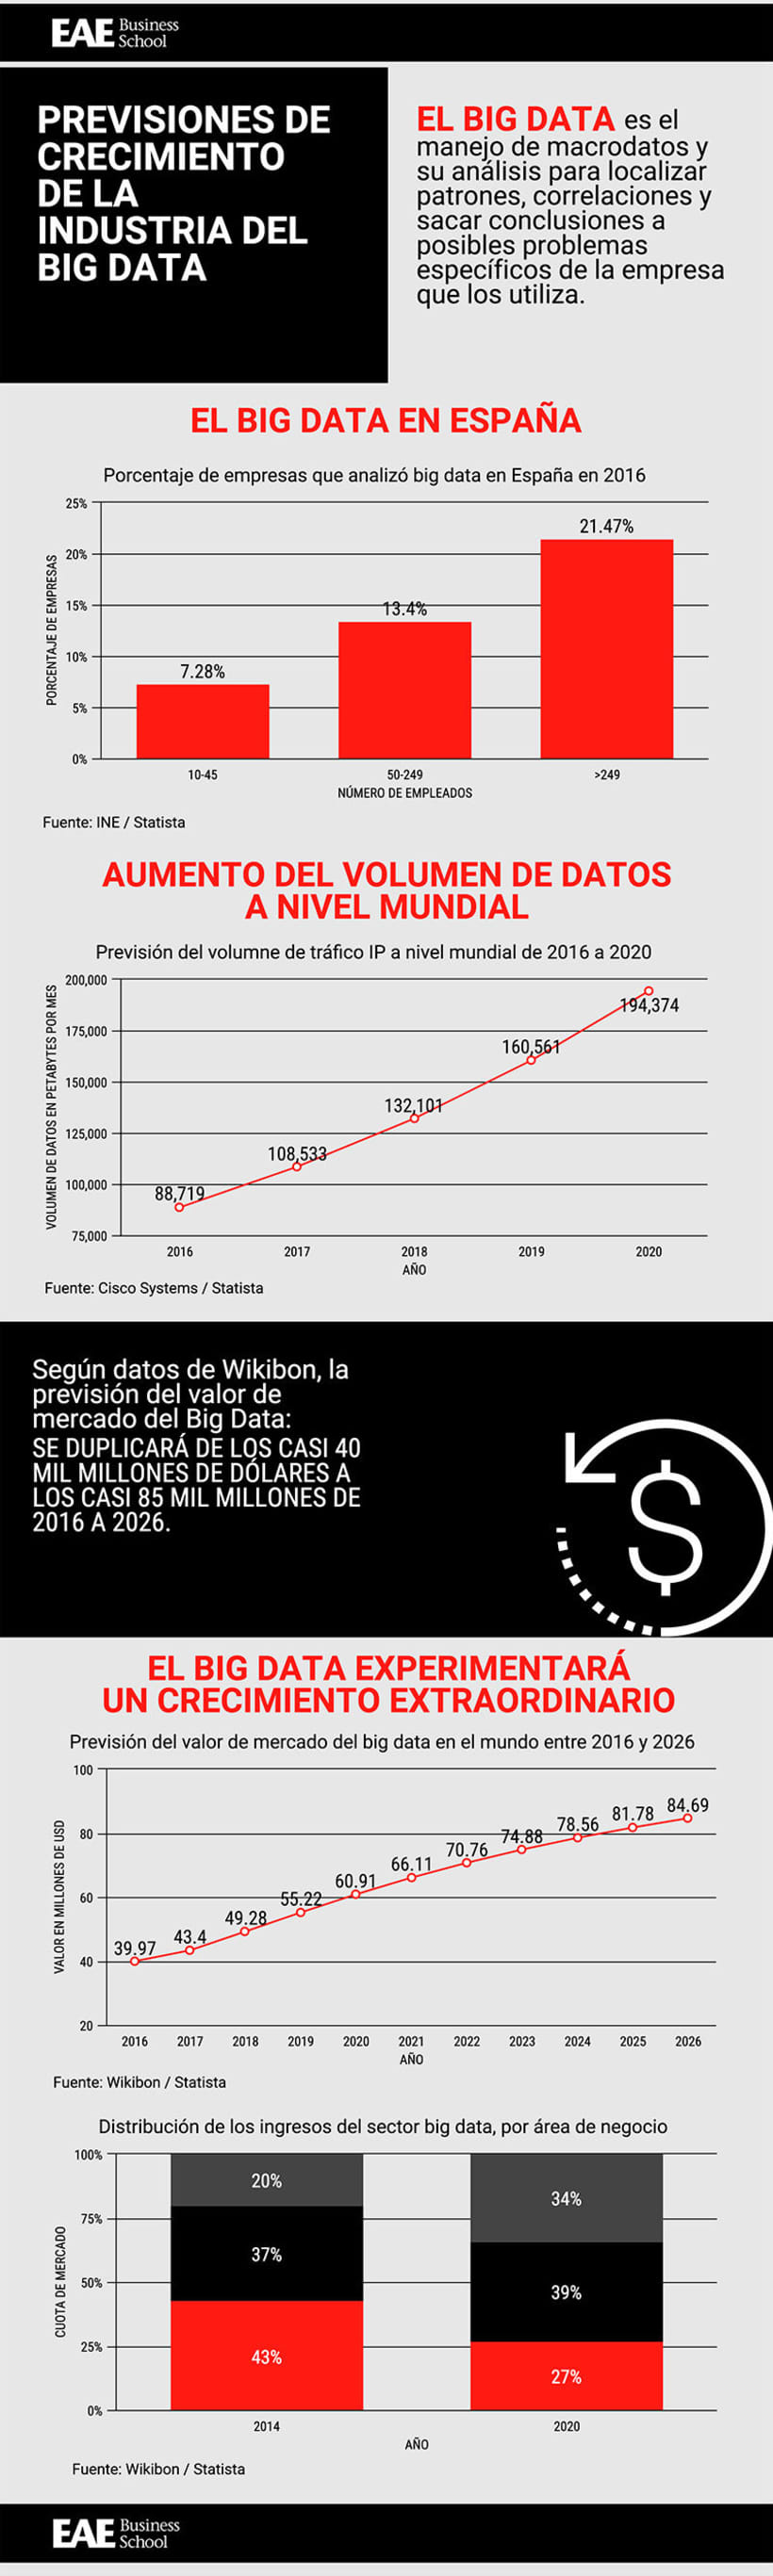 Previsiones de crecimiento de la industria del Big Data -1